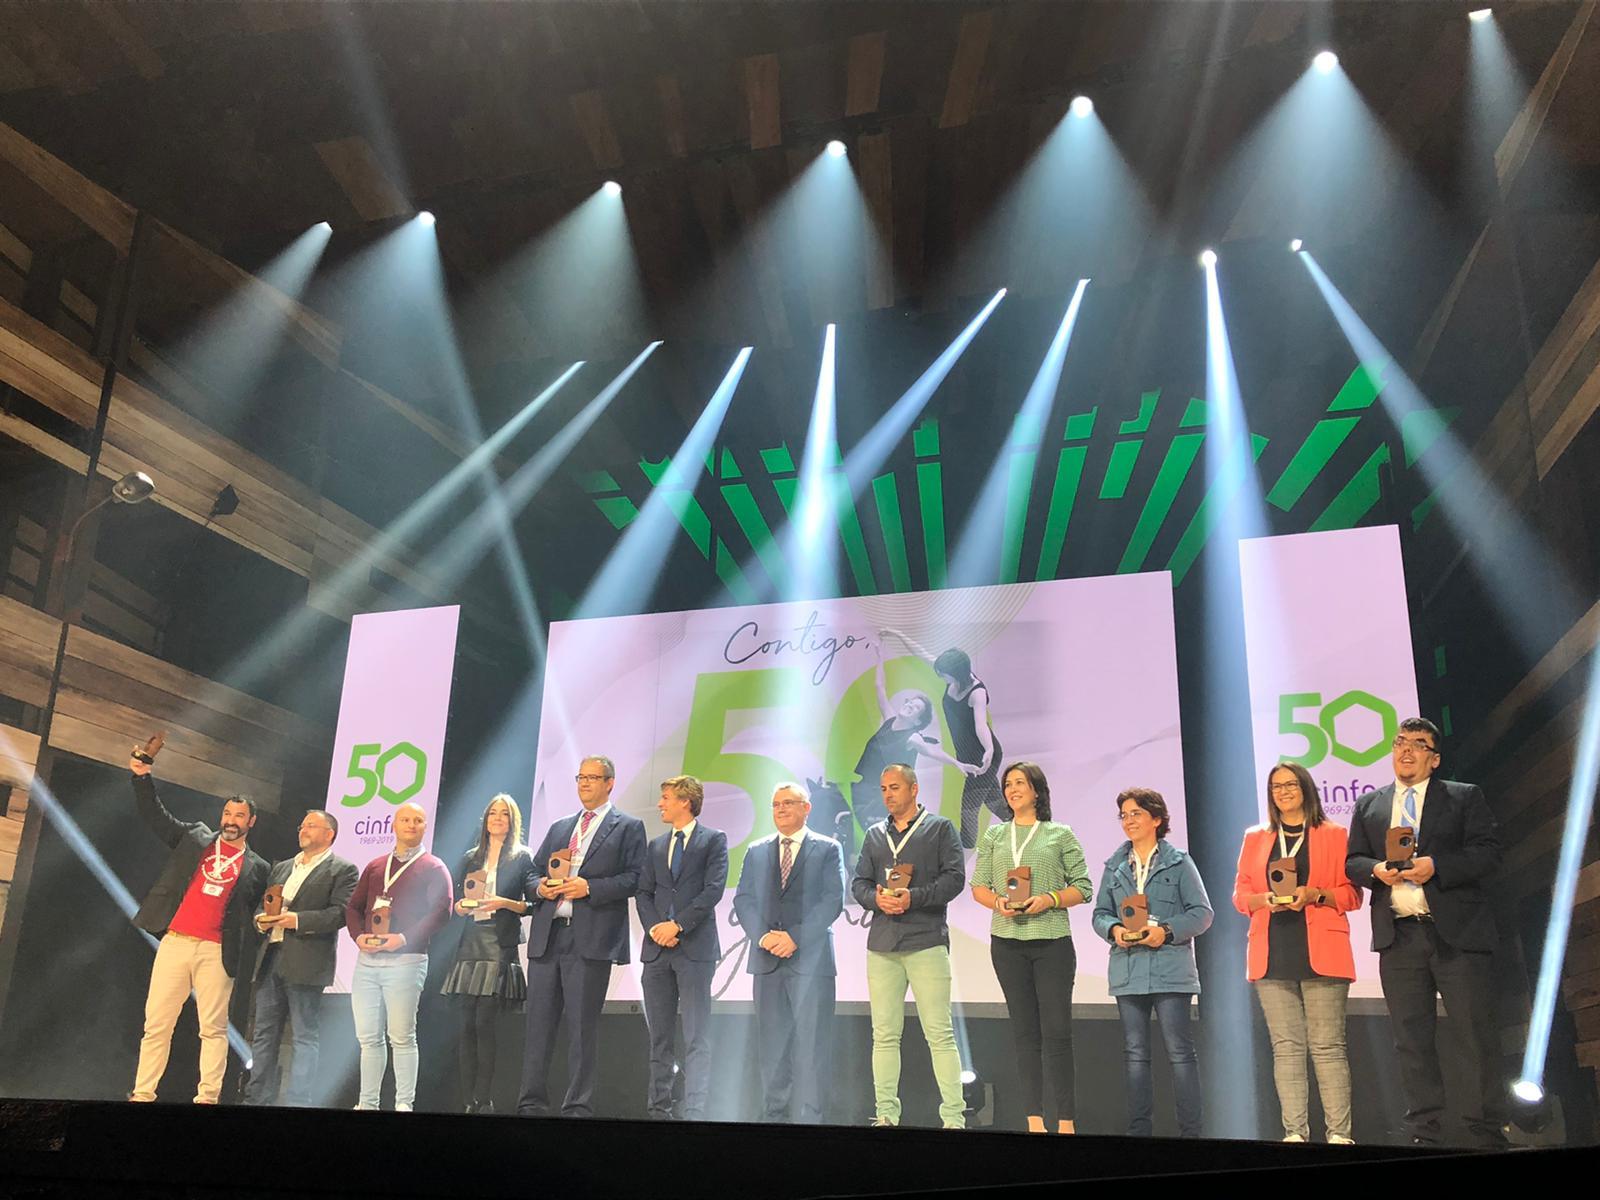 """cinfa 2 - Cinfa celebra la gala """"Contigo, 50 y más"""" en la que ha premiado a 50 asociaciones de pacientes"""